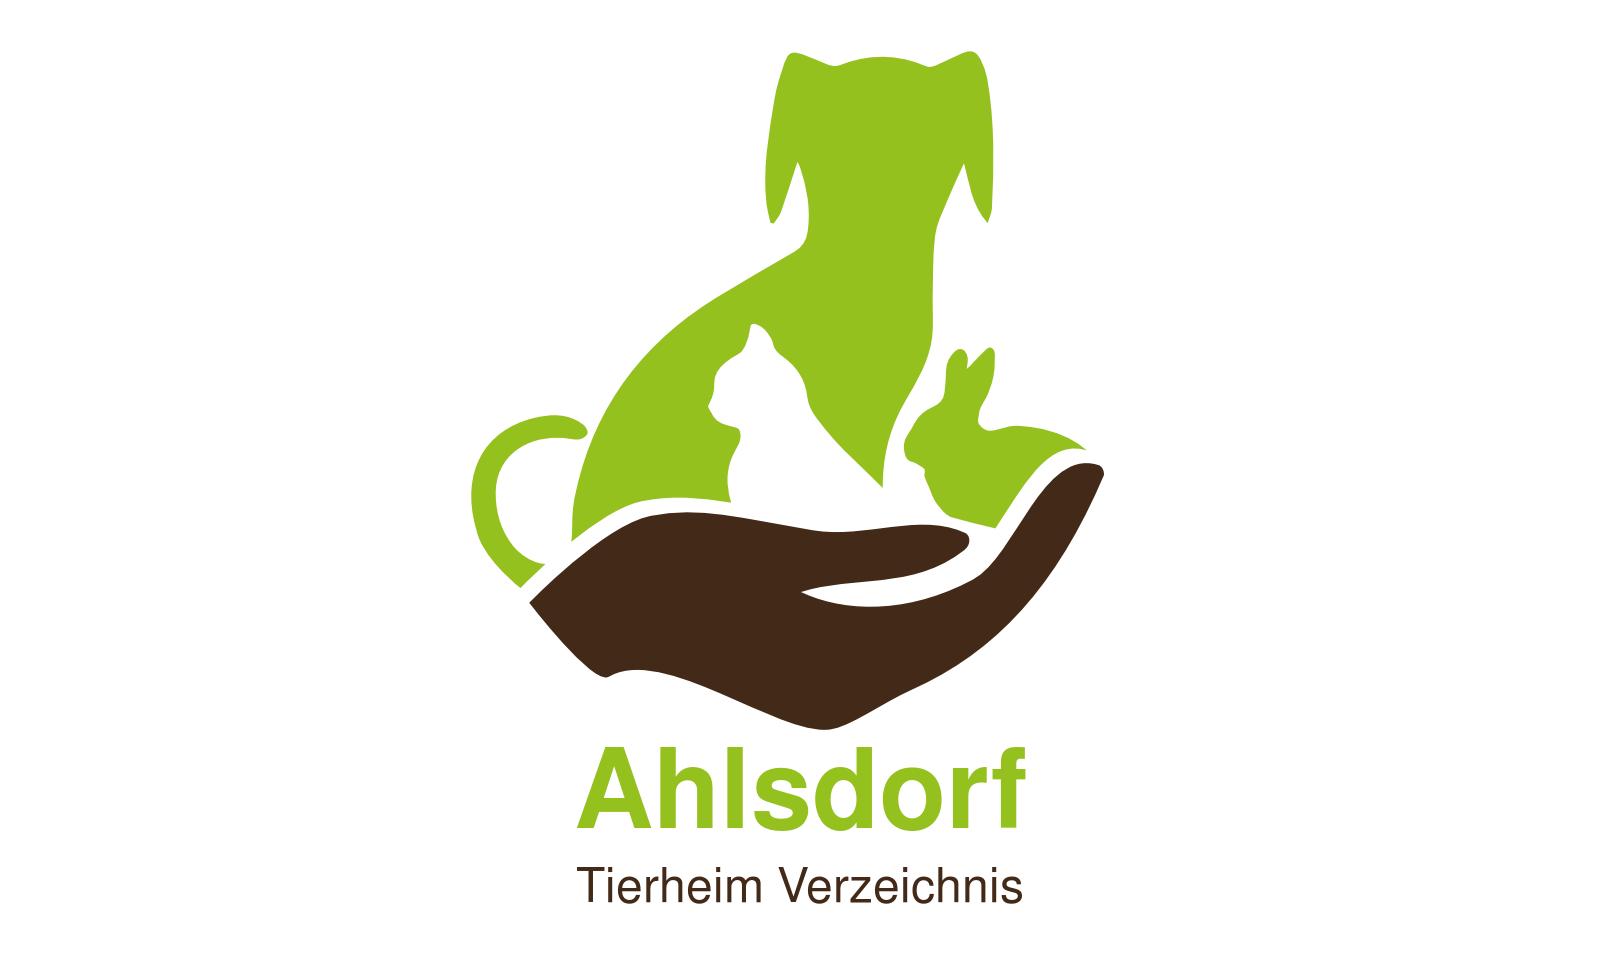 Tierheim Ahlsdorf